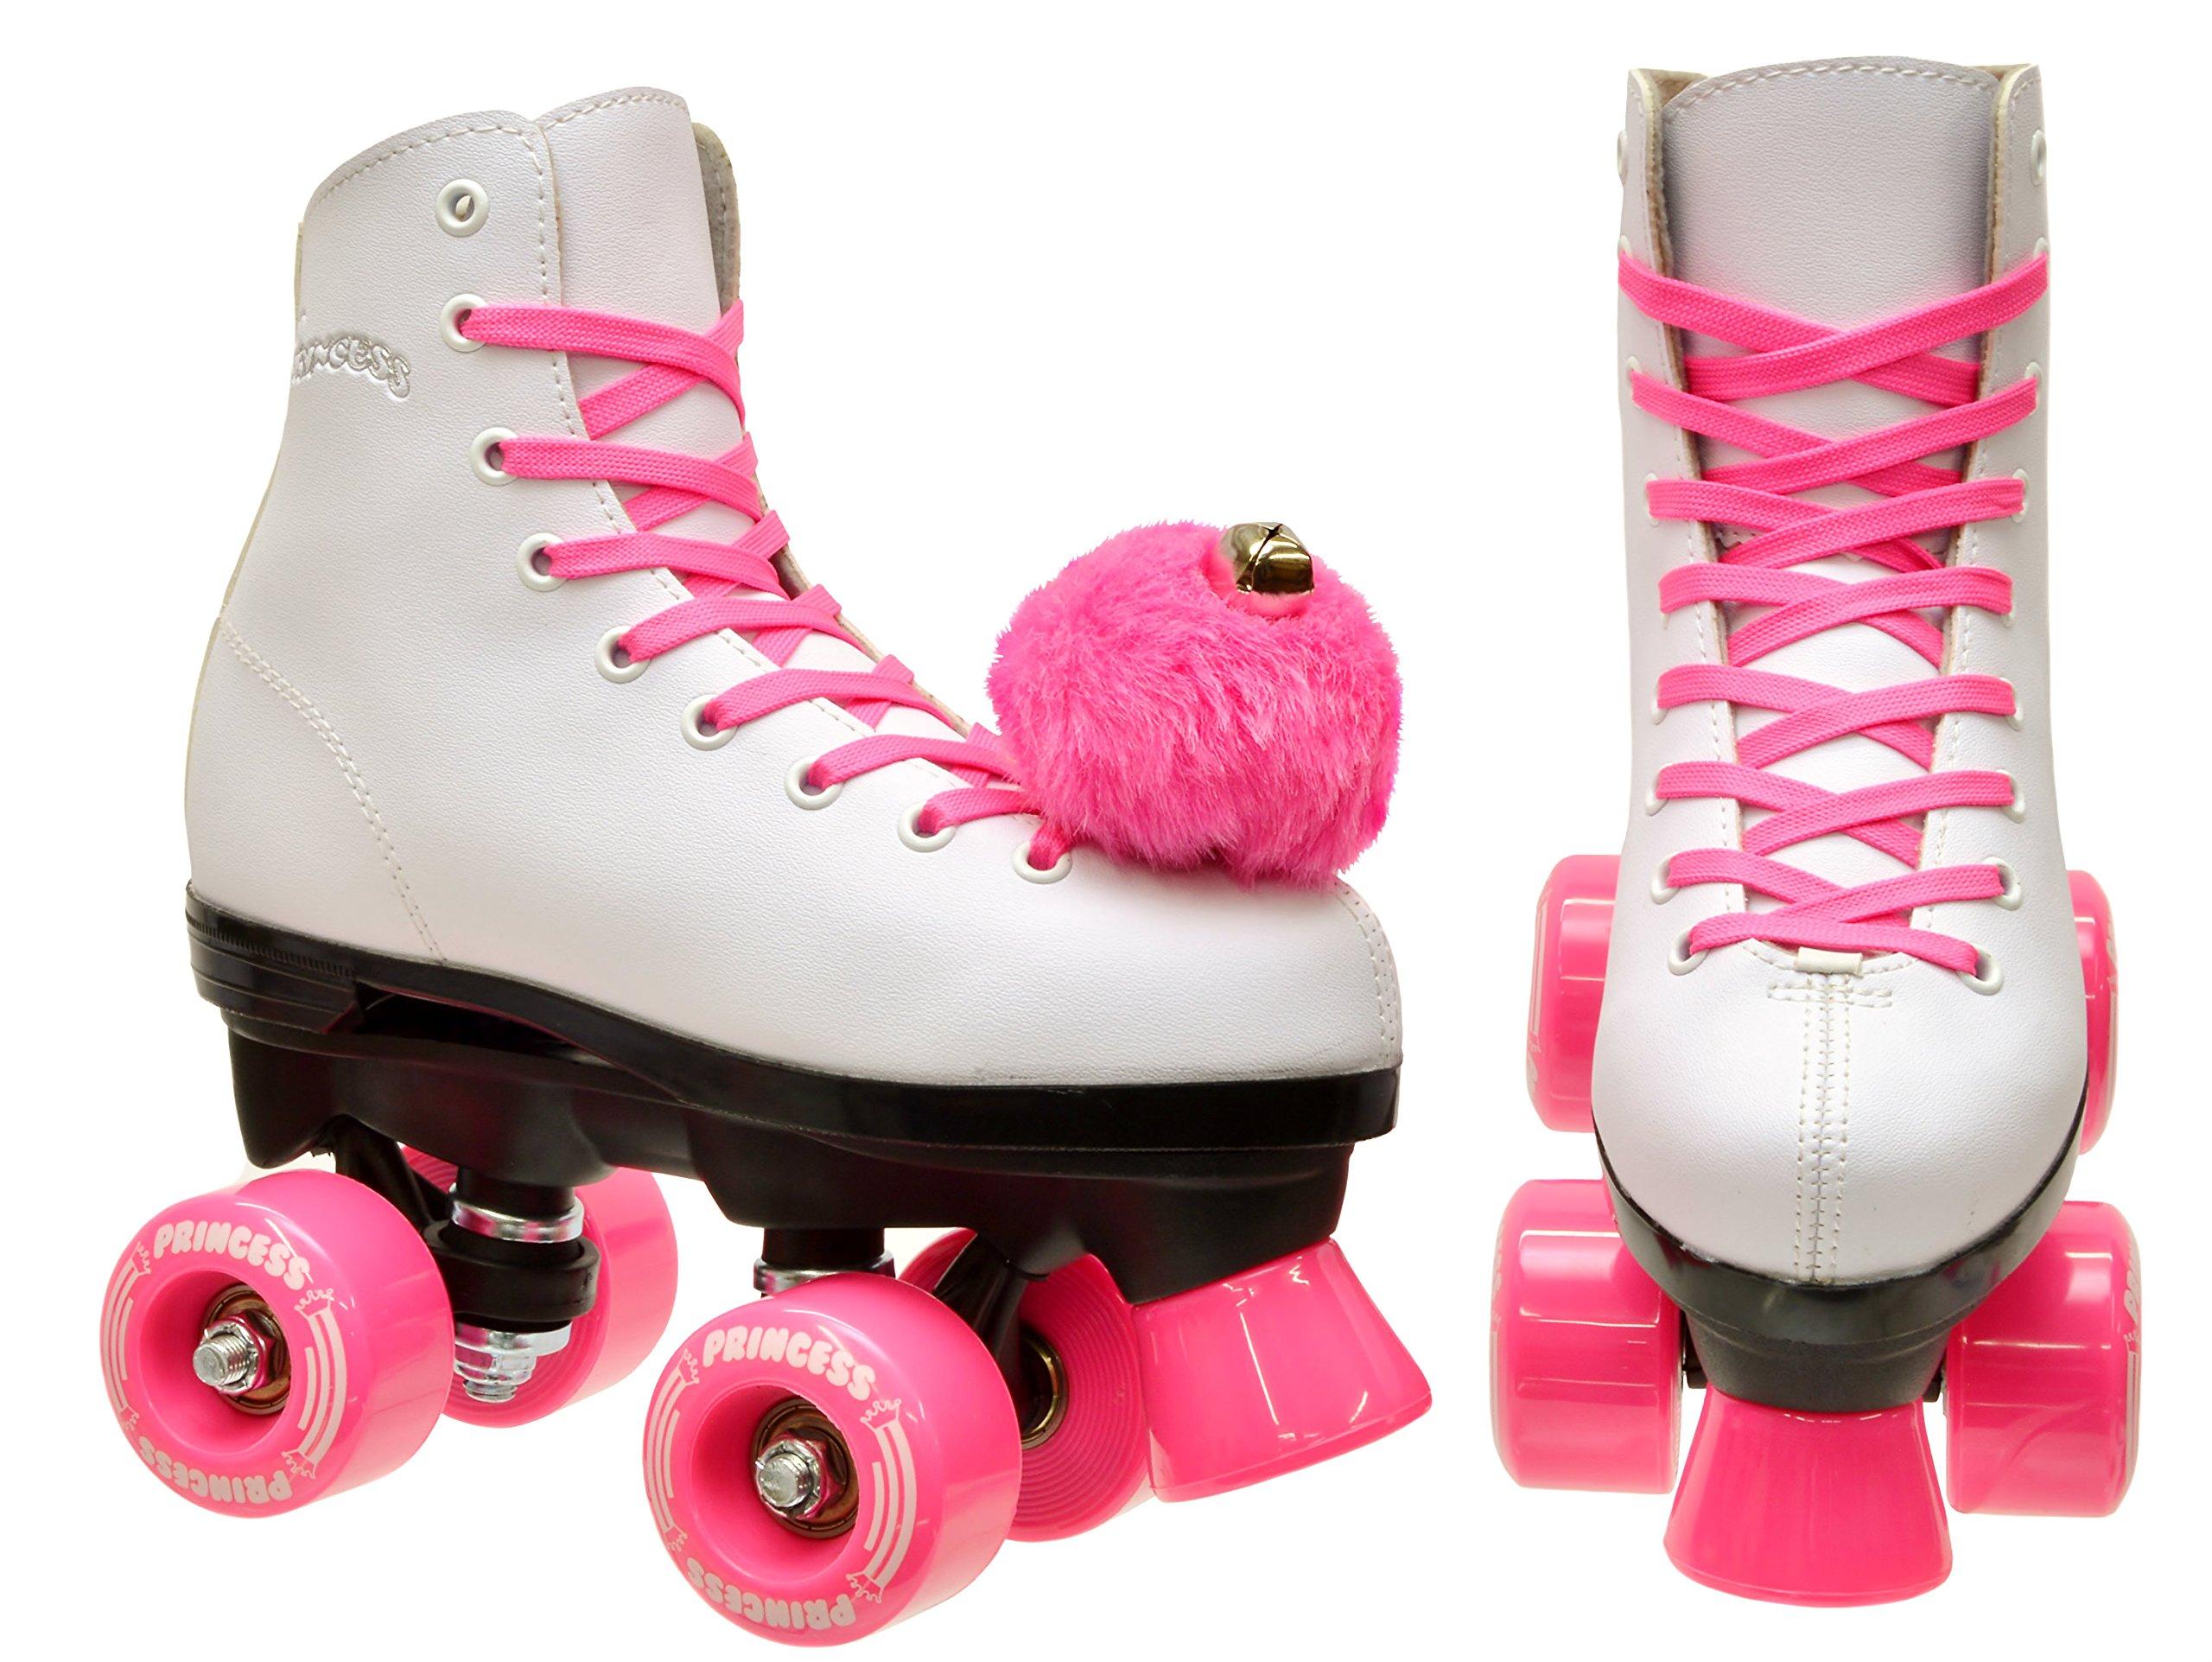 Epic Skates Epic Pink Princess Quad Roller Skates Kids 5 by Epic Skates (Image #4)